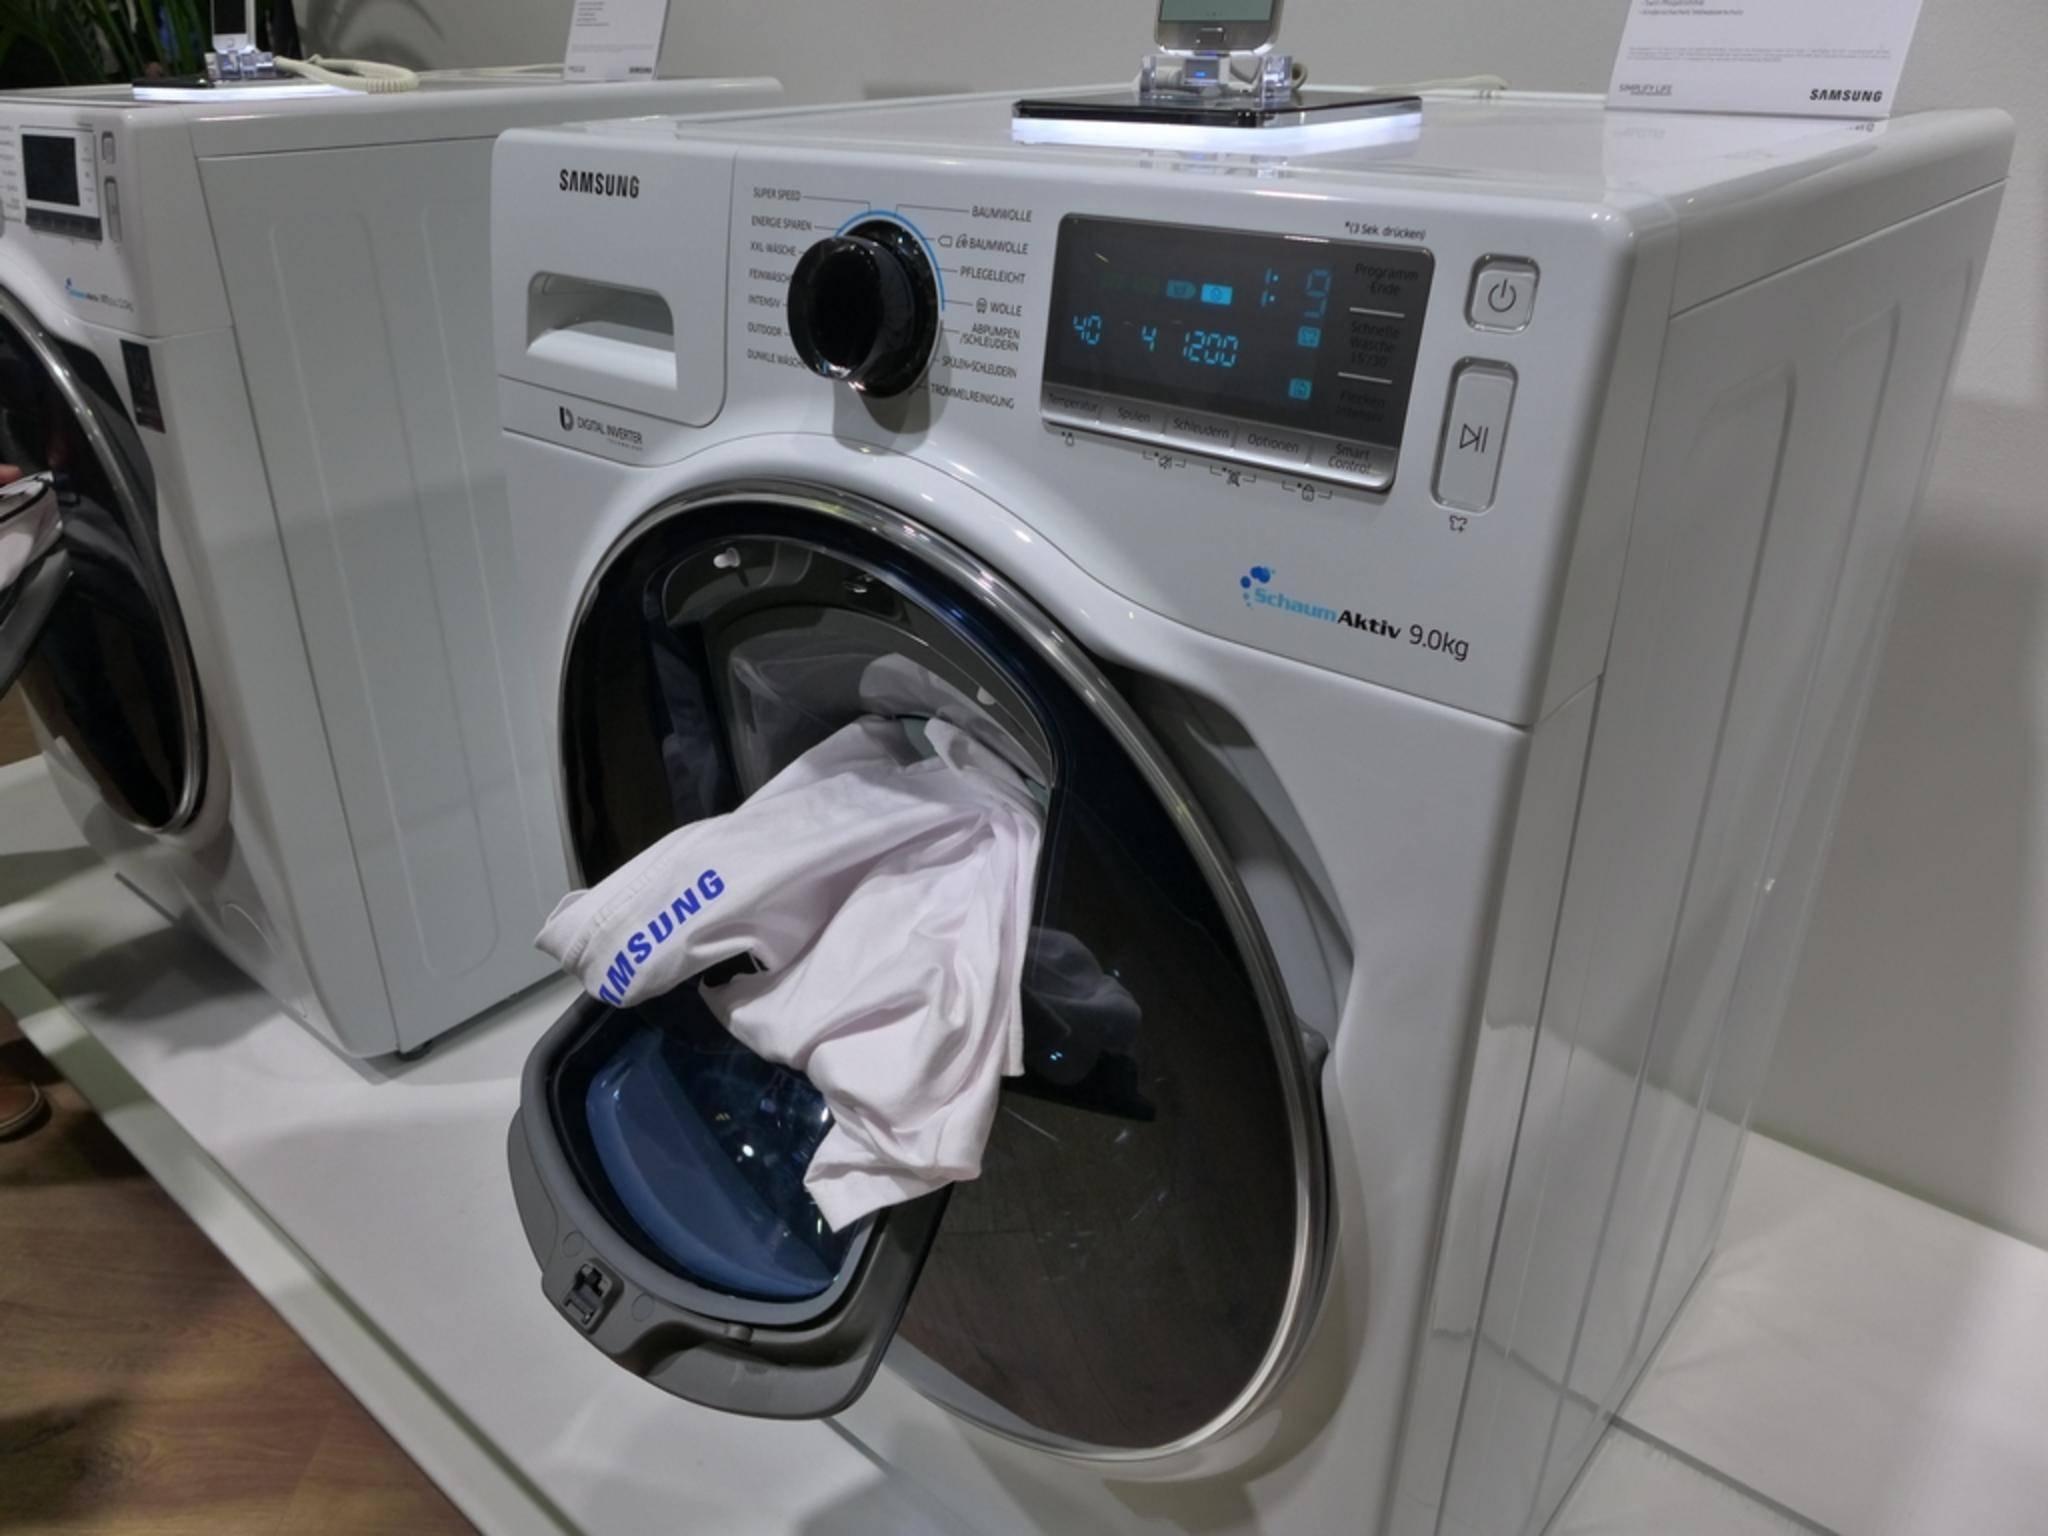 Nur Samsungs Toplader-Waschmaschinen sind vom Problem betroffen, nicht die Frontlader-Geräte.